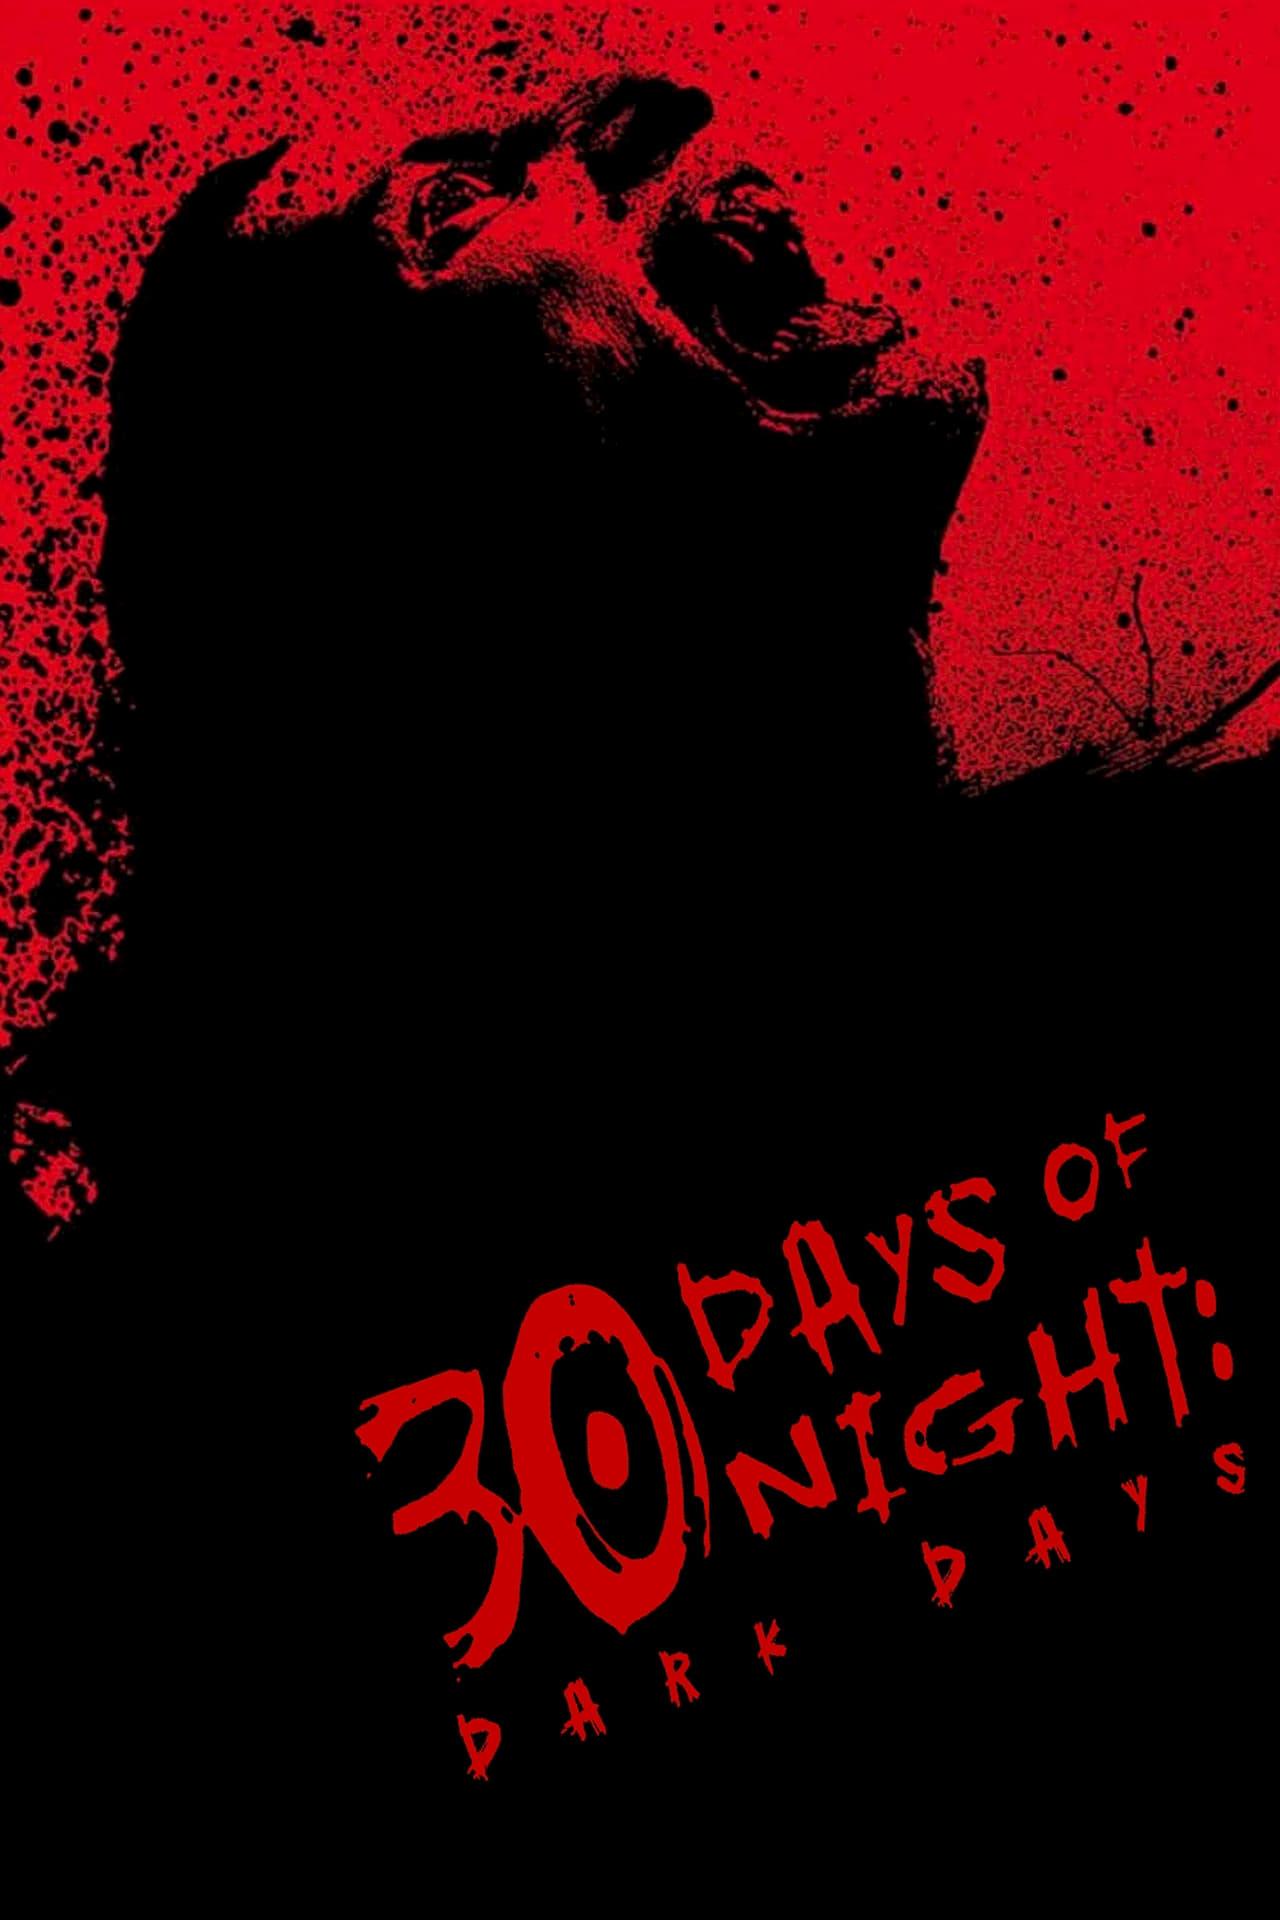 Ver 30 Días De Oscuridad 2 Tinieblas 2010 Online Latino Hd Pelisplus